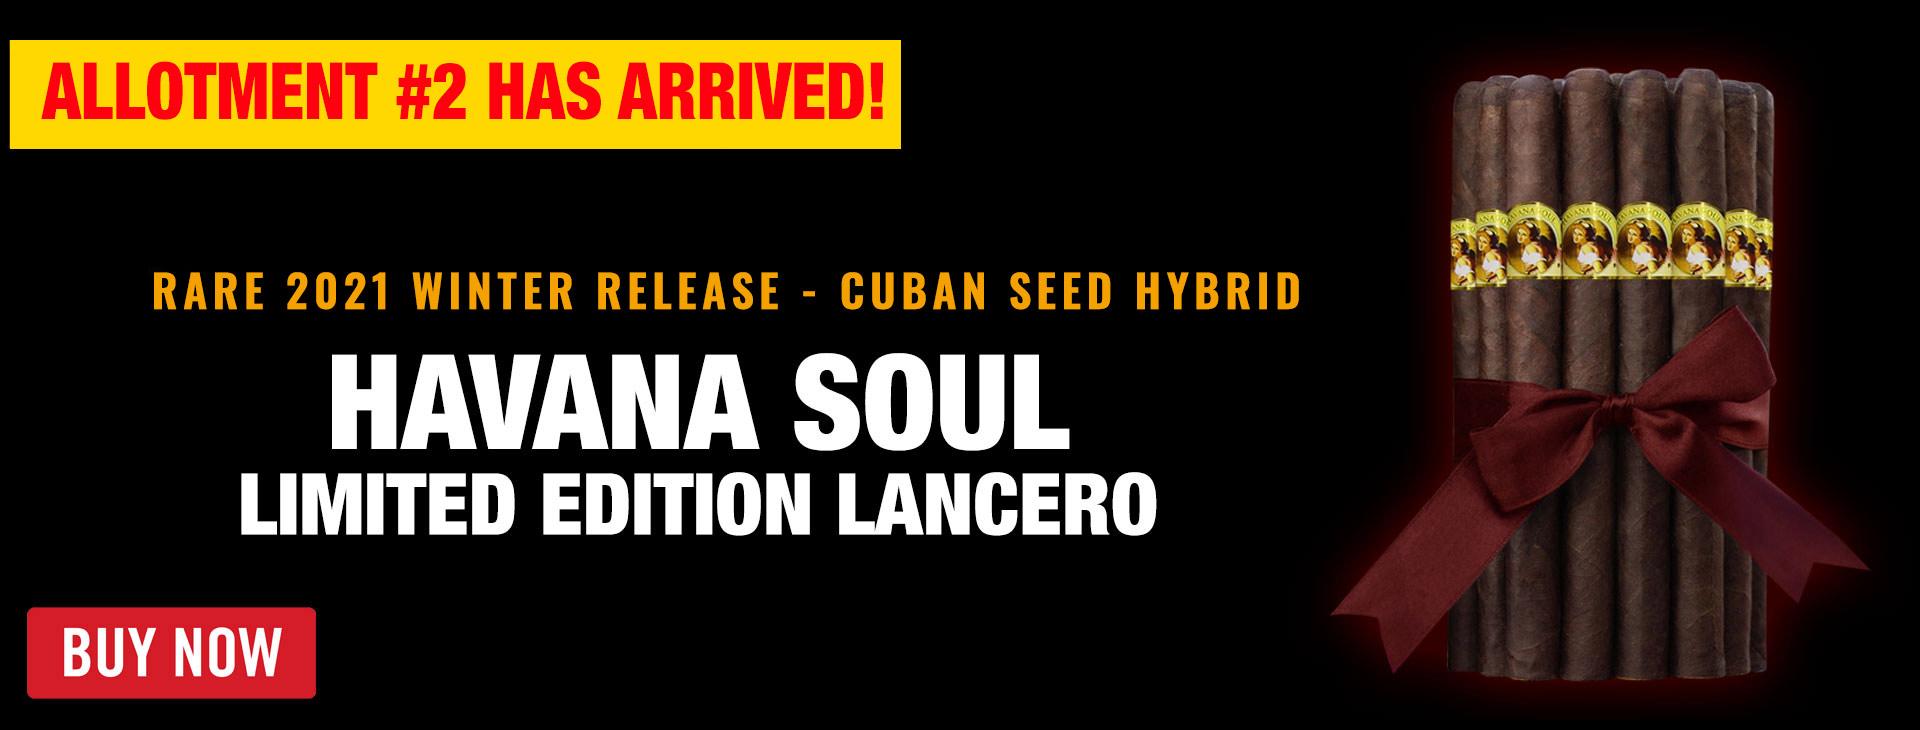 havana-soul-lancero-2-banner-2021.jpg